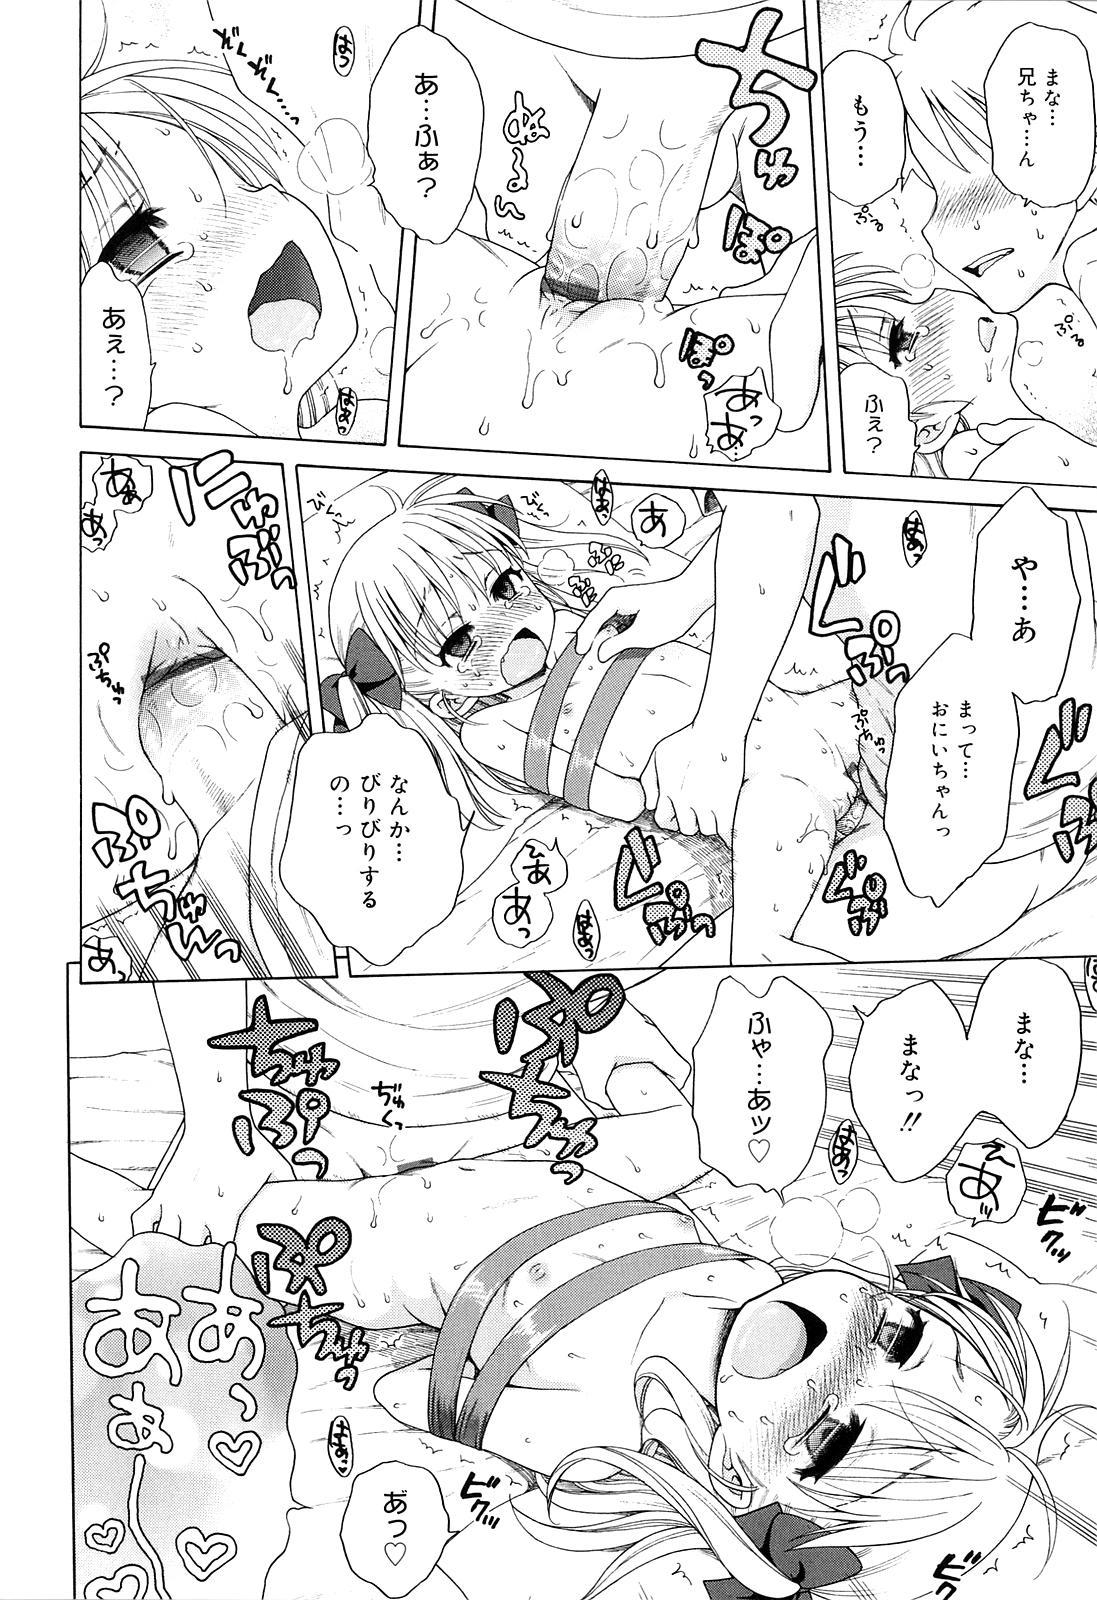 Tsukimisou no Akari 177